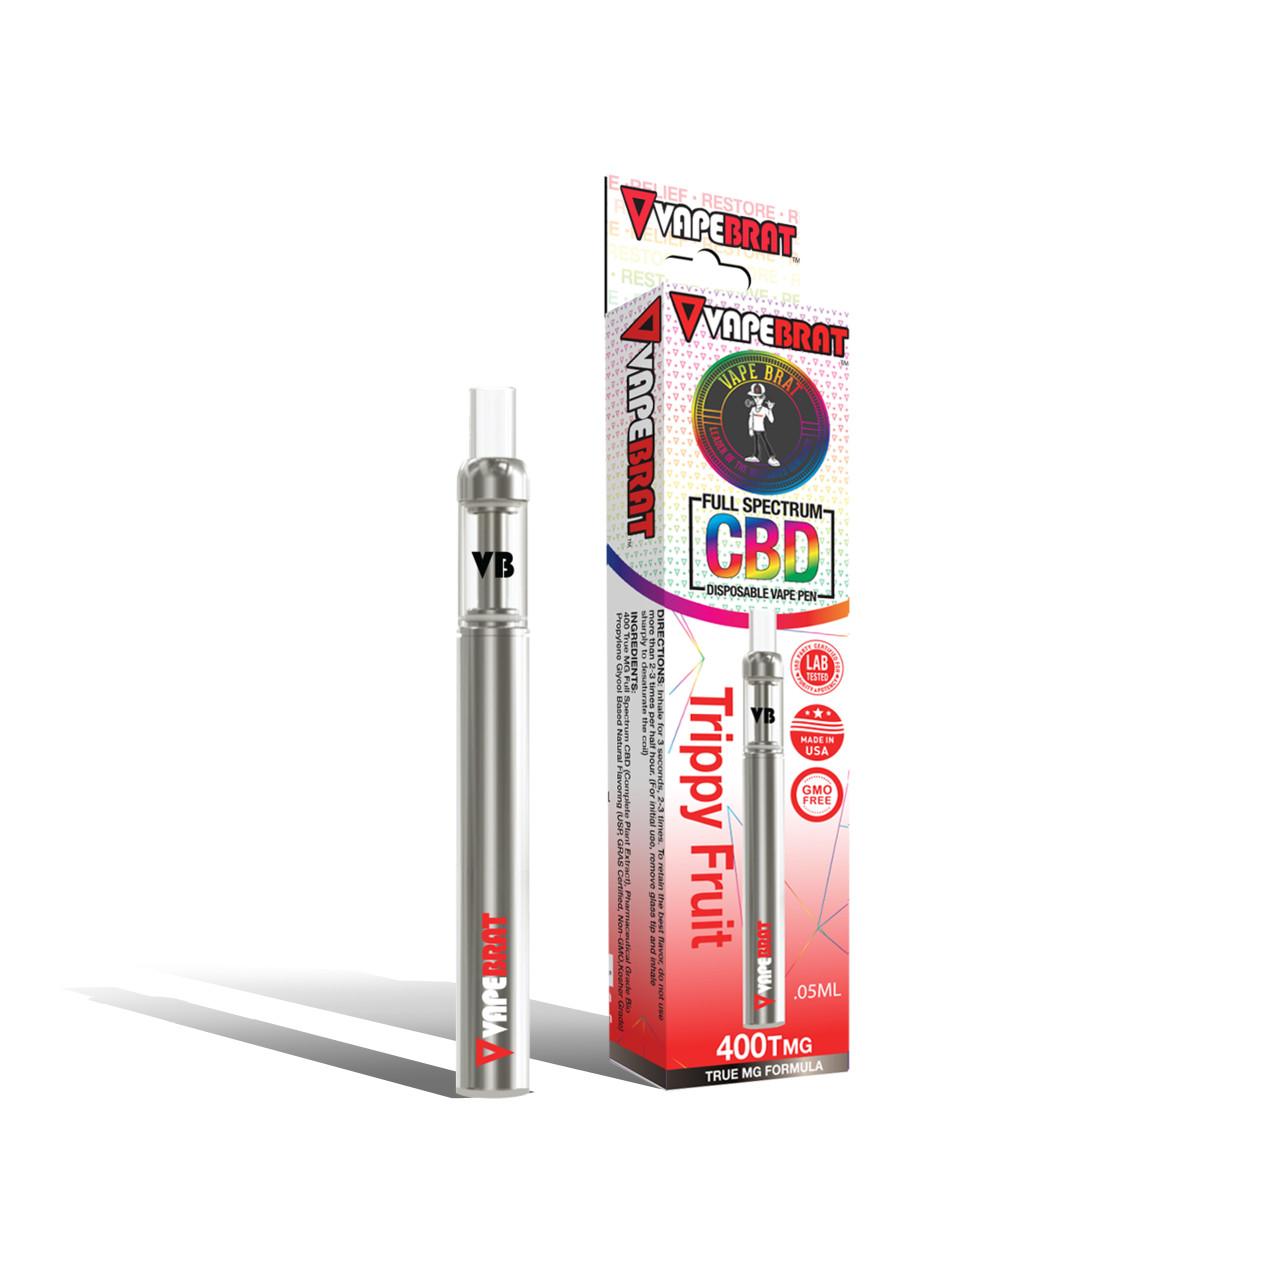 VapeBrat Full Spectrum CBD Disposable Vape Pen: 400Tmg CBD